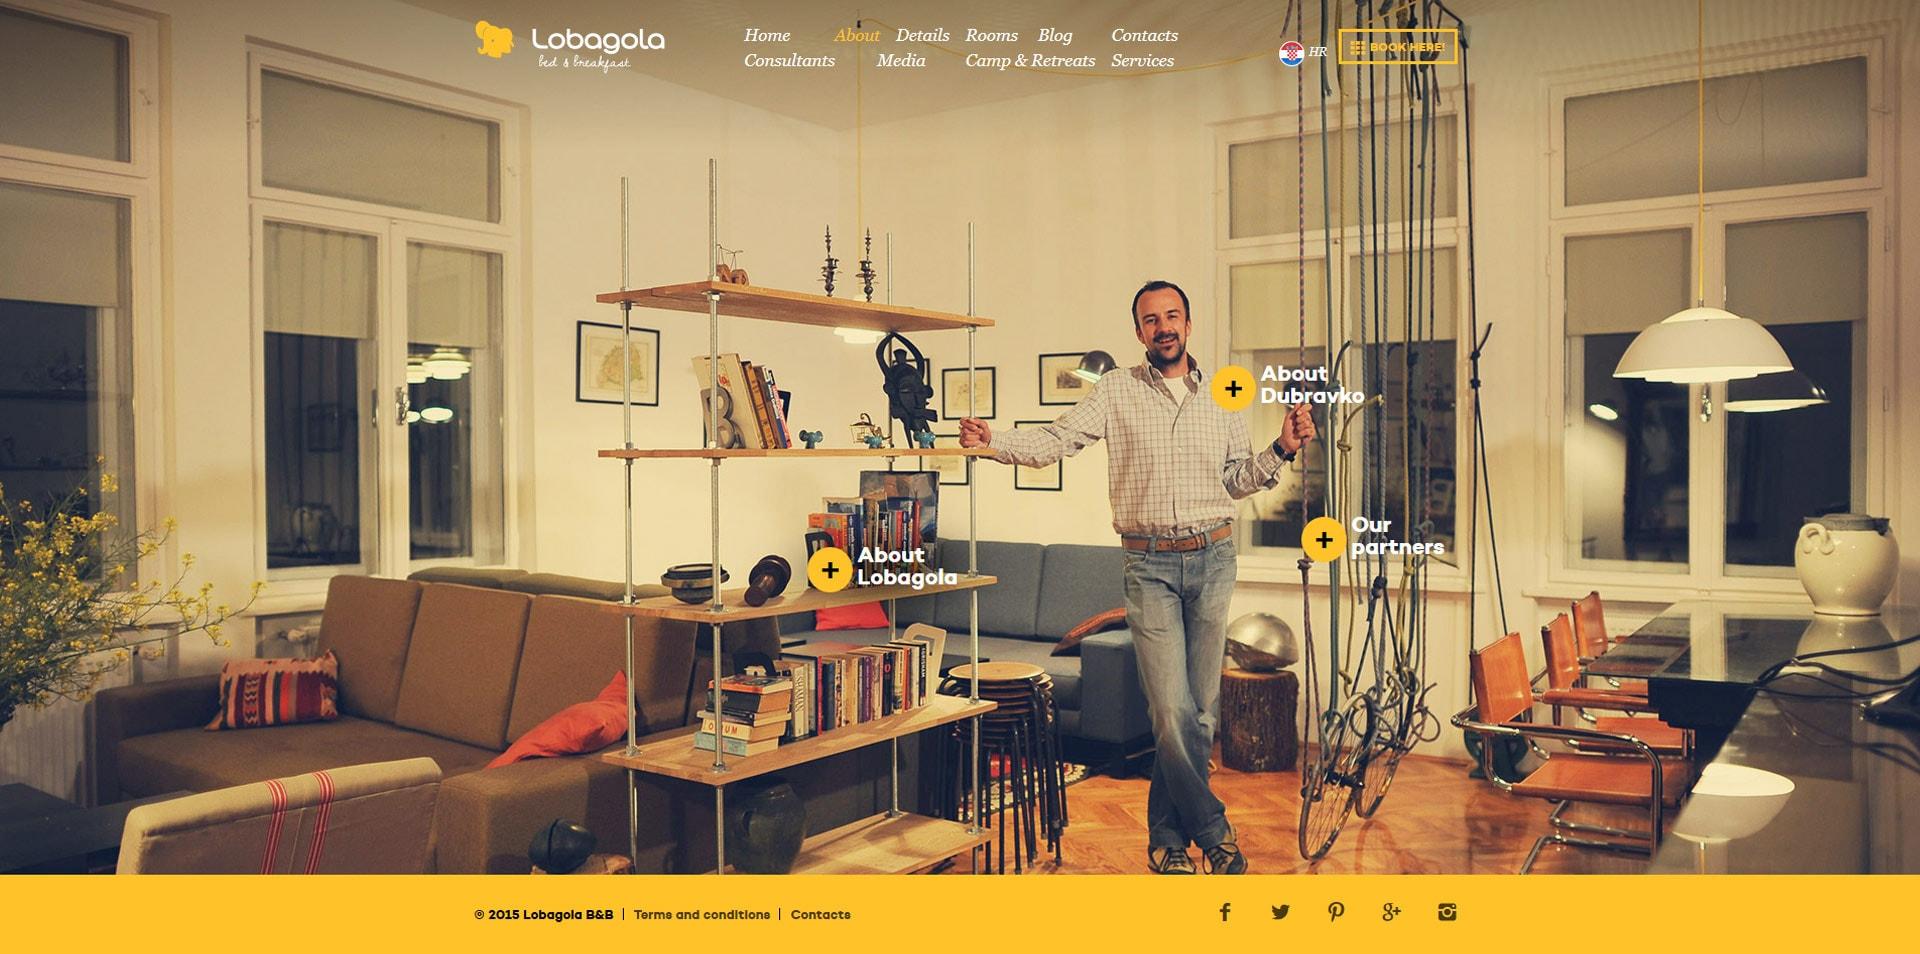 projektowanie stron www inspiracje lobagola 2 - Projektowanie stron www – inspiracje dla biznesu. Czerwiec 2020